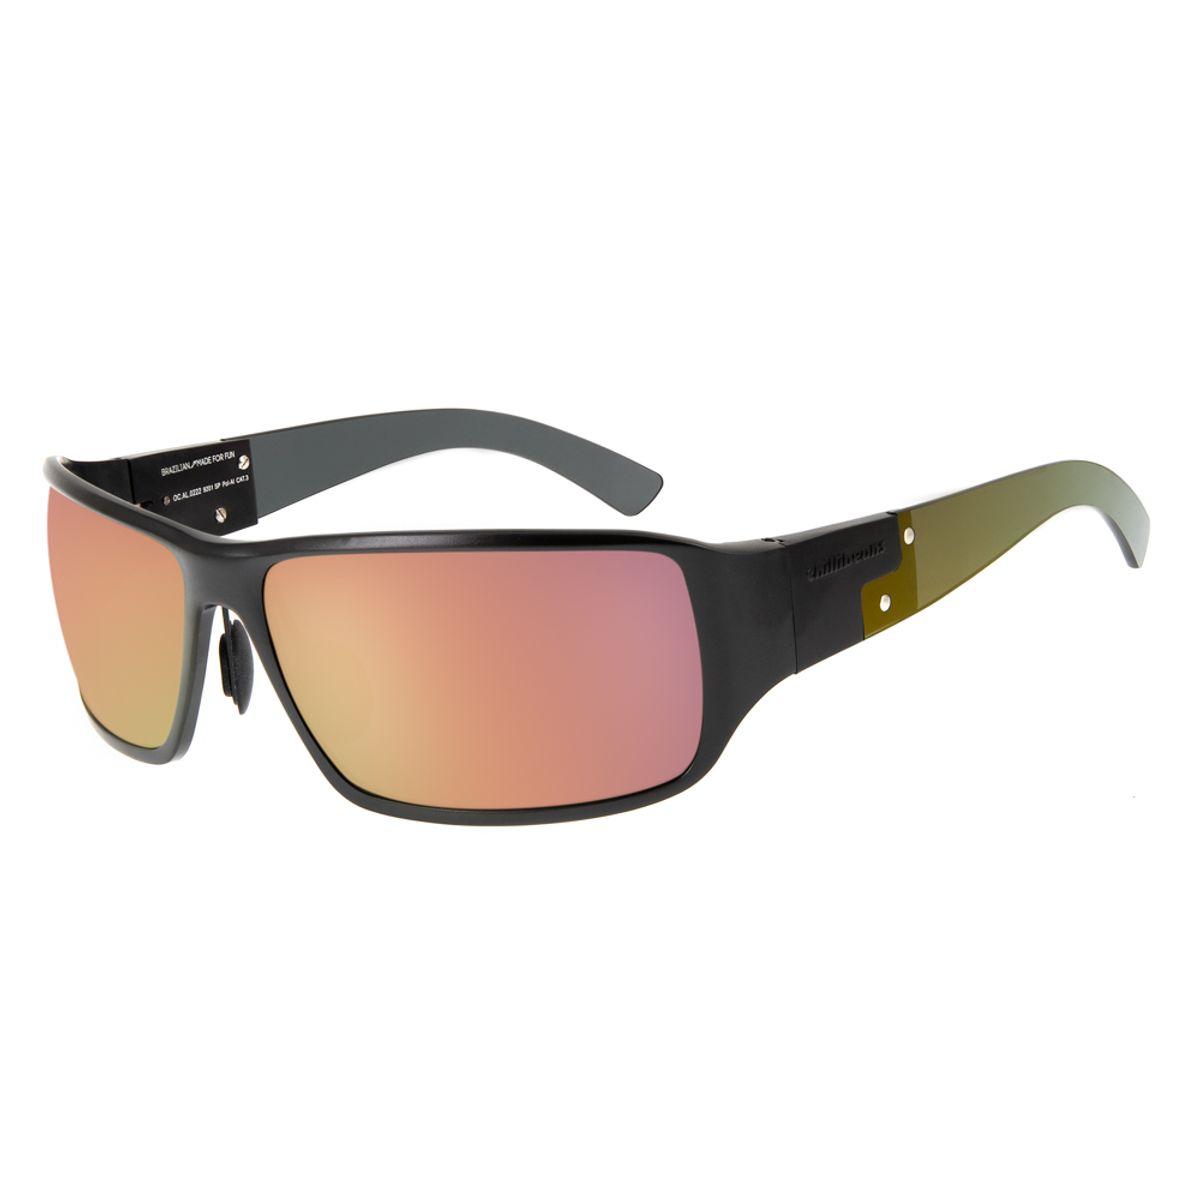 3a8206e84 Óculos de Sol Chilli Beans Esportivo Masculino Polarizado Vermelho ...